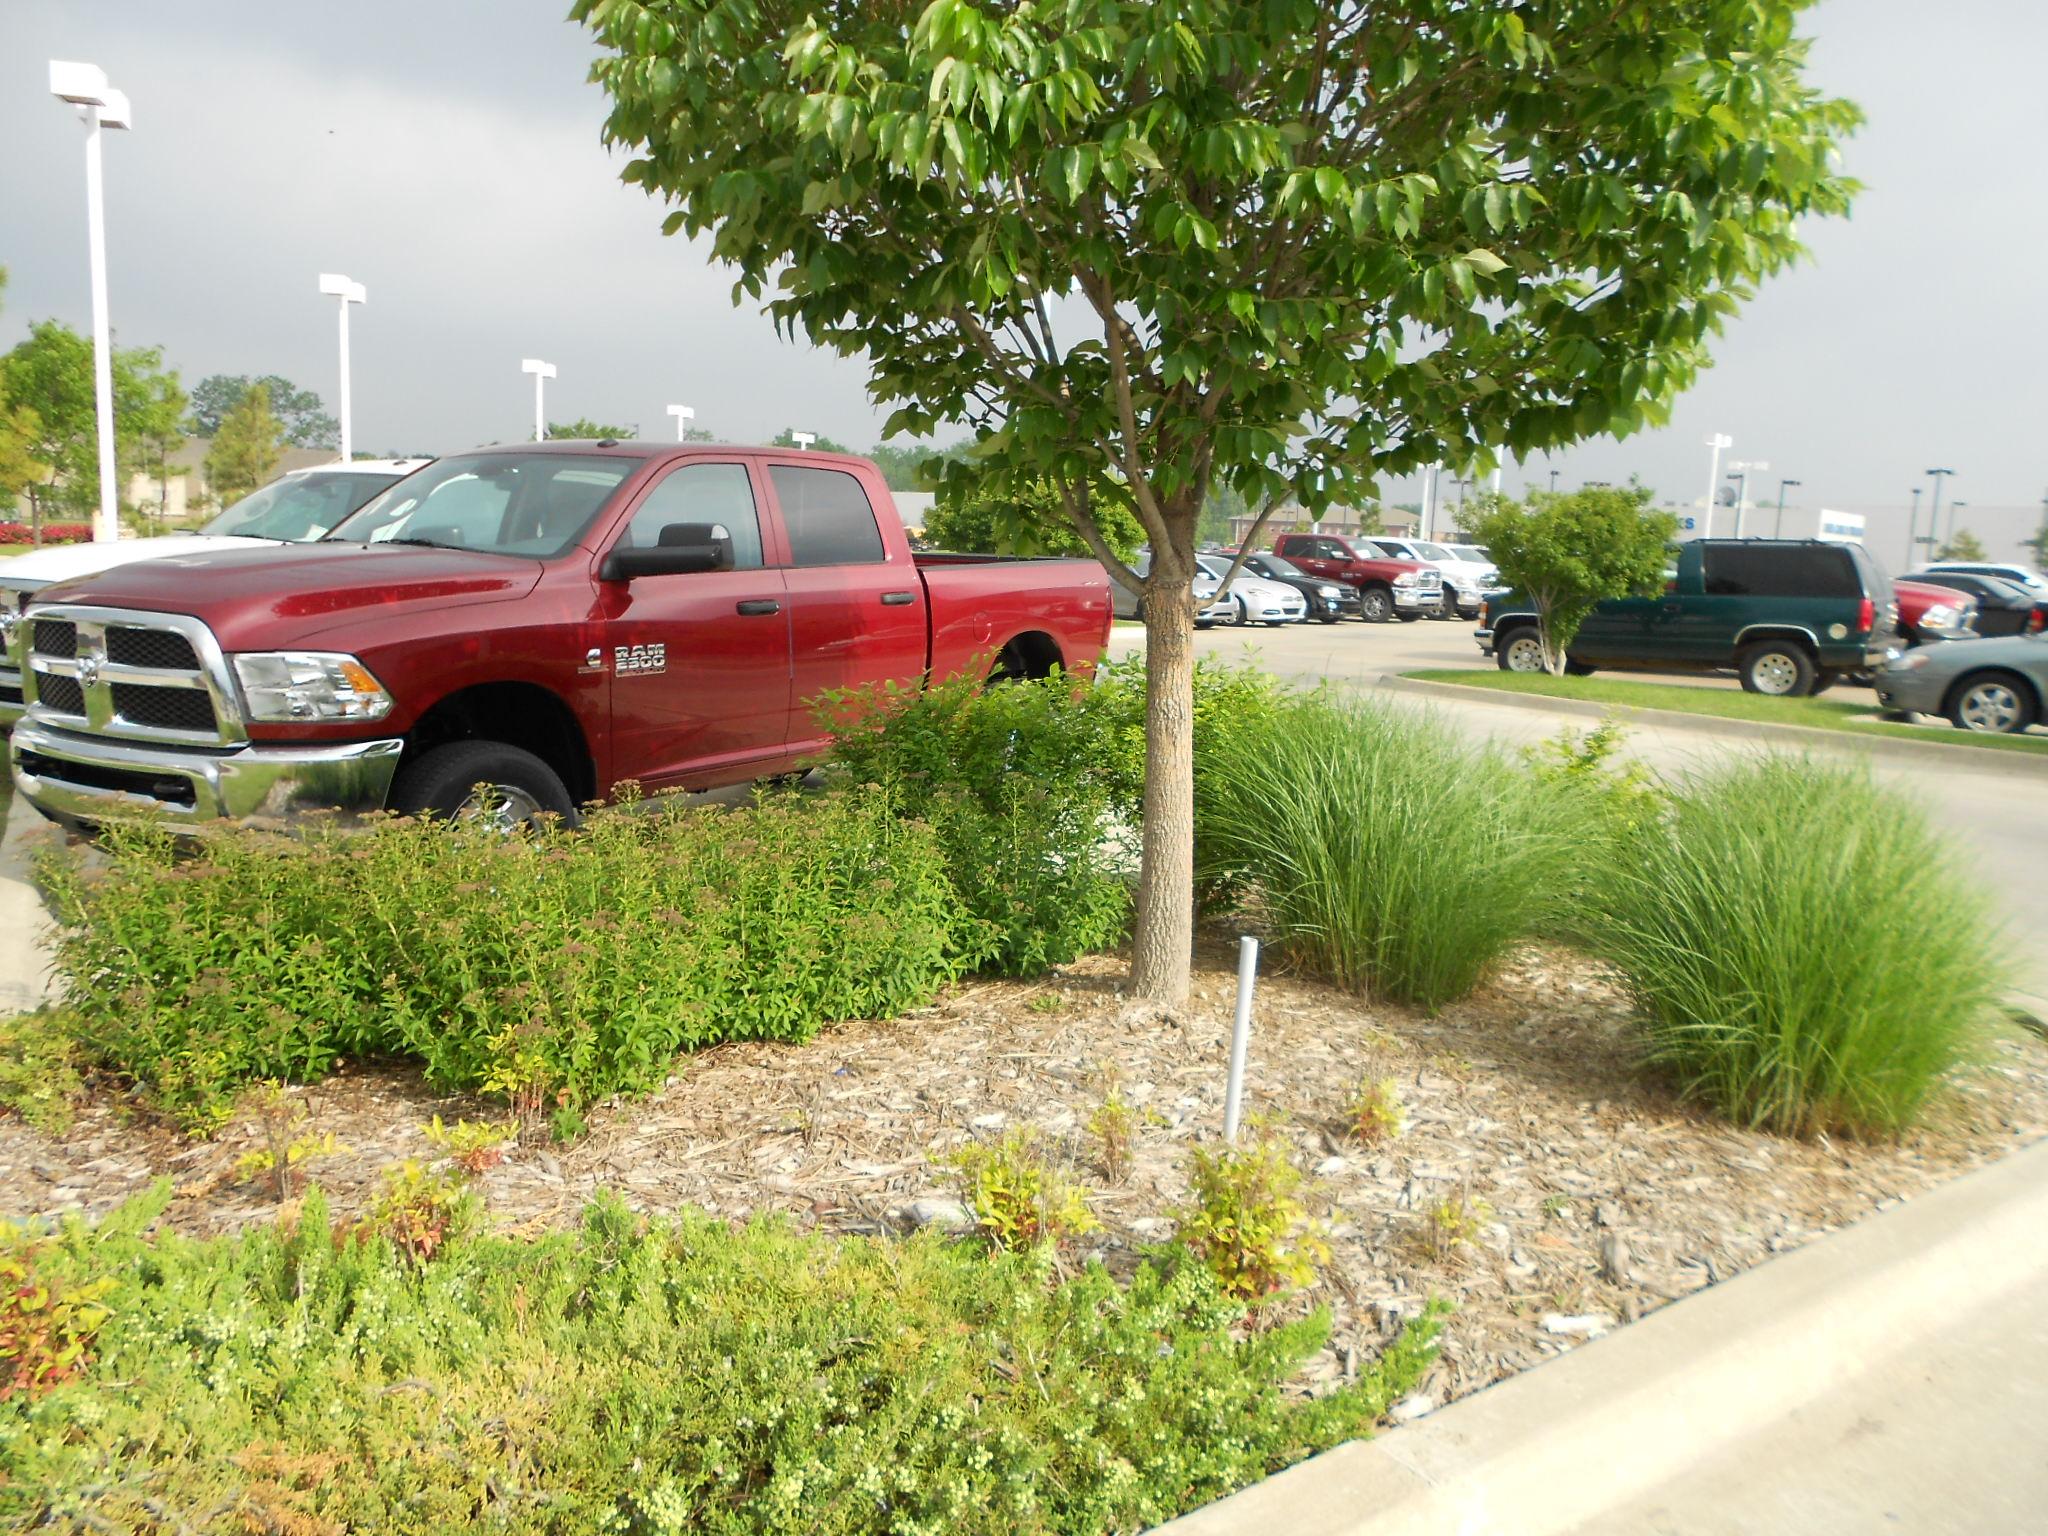 South Pointe Chrysler Jeep Dodge Ram Tulsa Ok Www